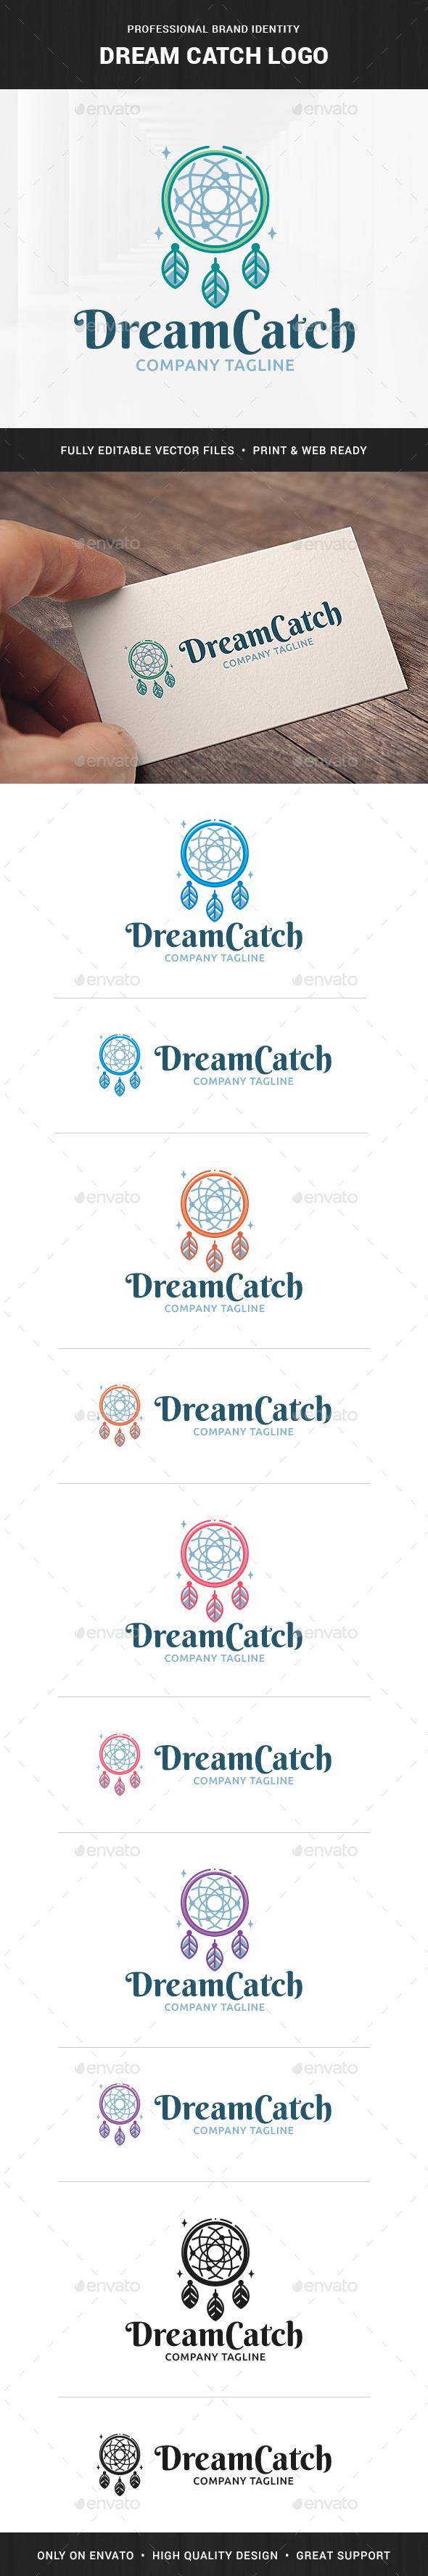 Dream Catch Logo Template